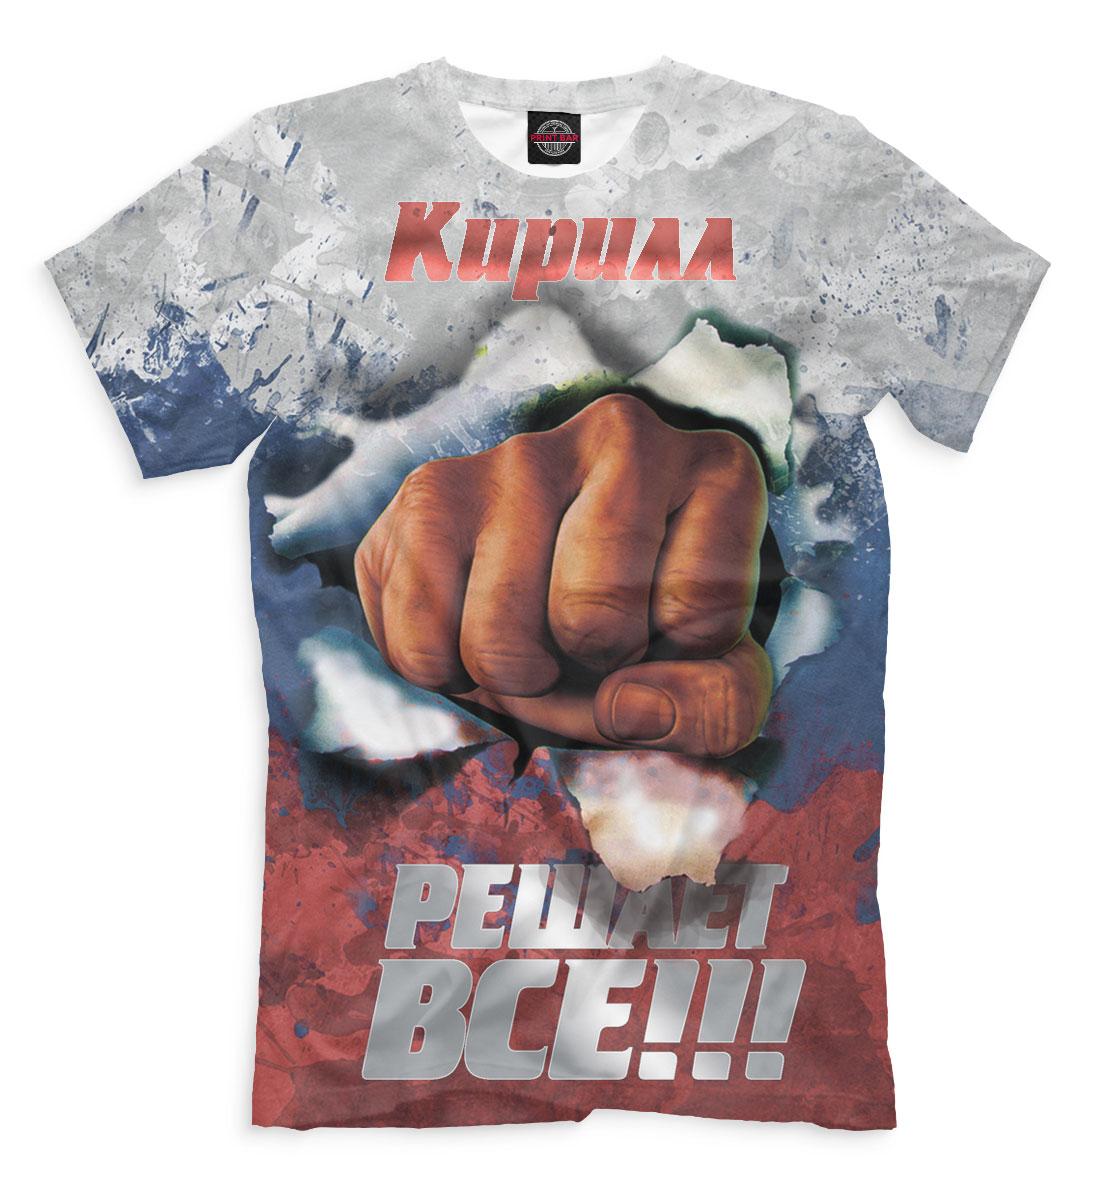 Купить Кирилл решает все, Printbar, Футболки, KIR-869434-fut-2